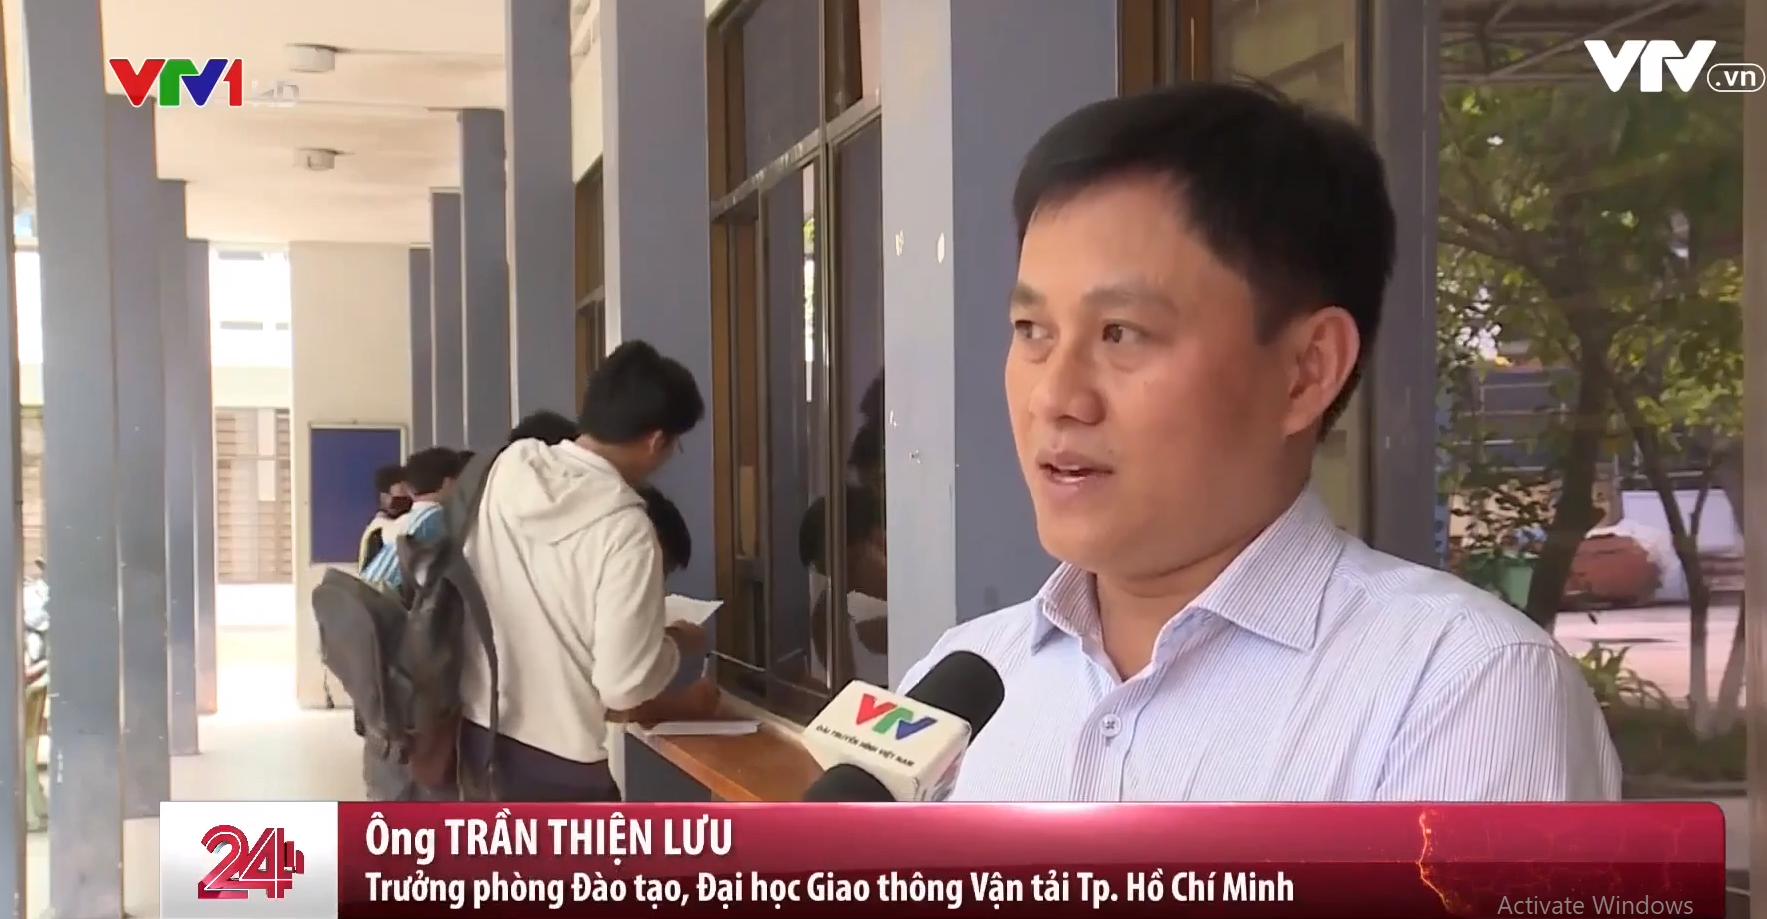 Trước đó, trường Đại học Nông Lâm TP. HCM cũng vừa tiến hành xét các điều kiện tốt nghiệp đợt tháng 3 và thông báo sẽ có hơn 300 sinh viên có nguy cơ bị đuổi học.